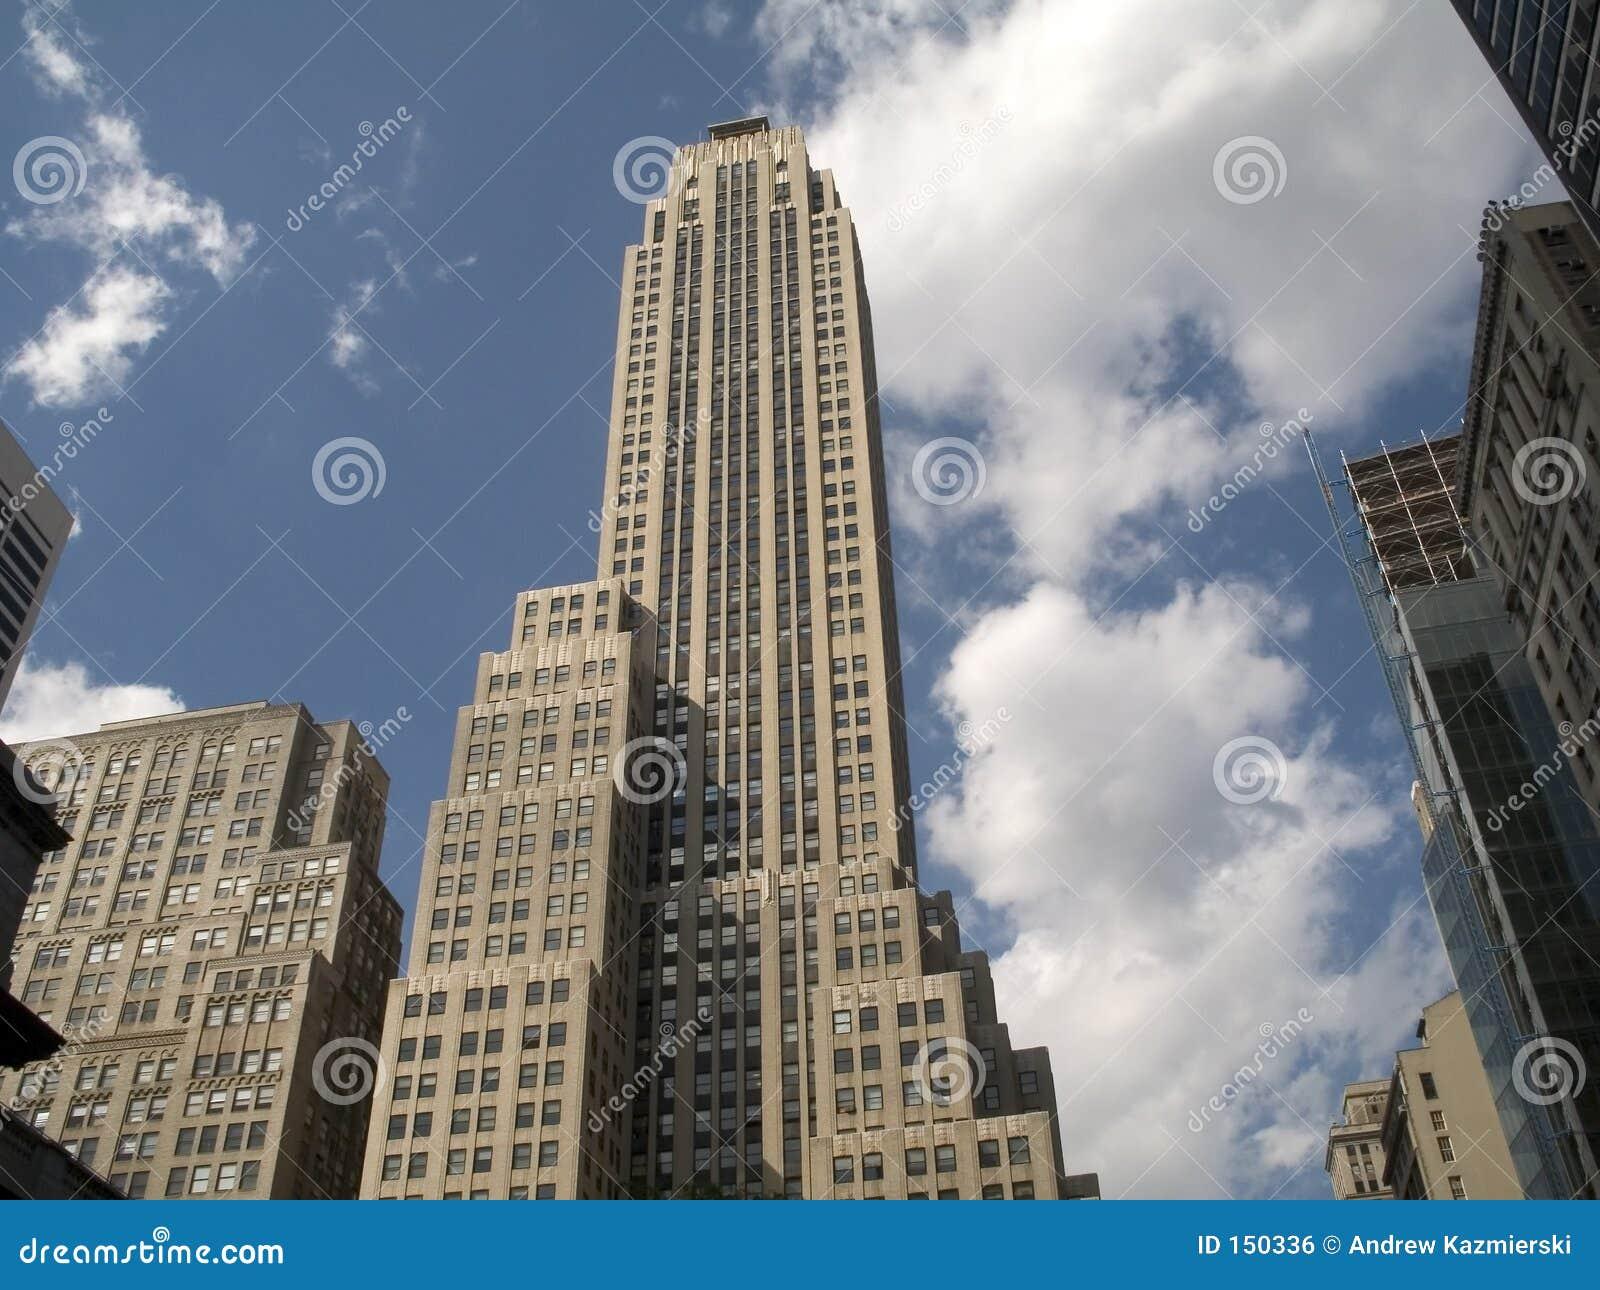 Skyscraper and Clouds